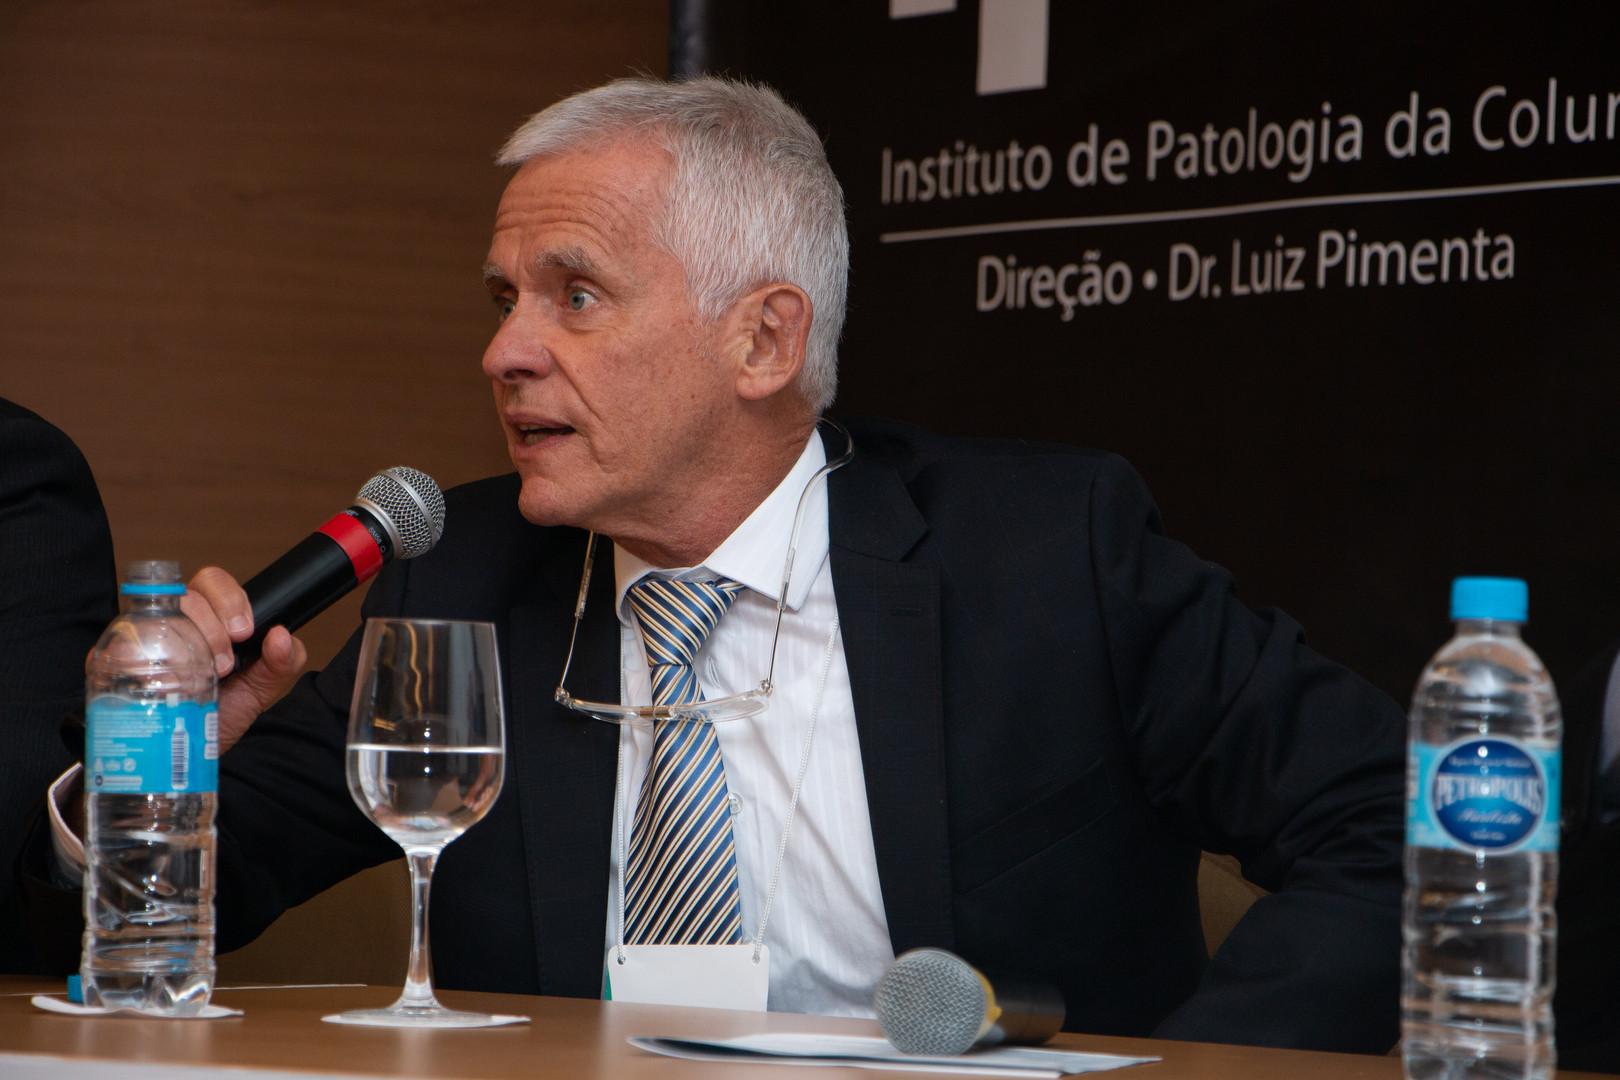 Curso do IPC 2019